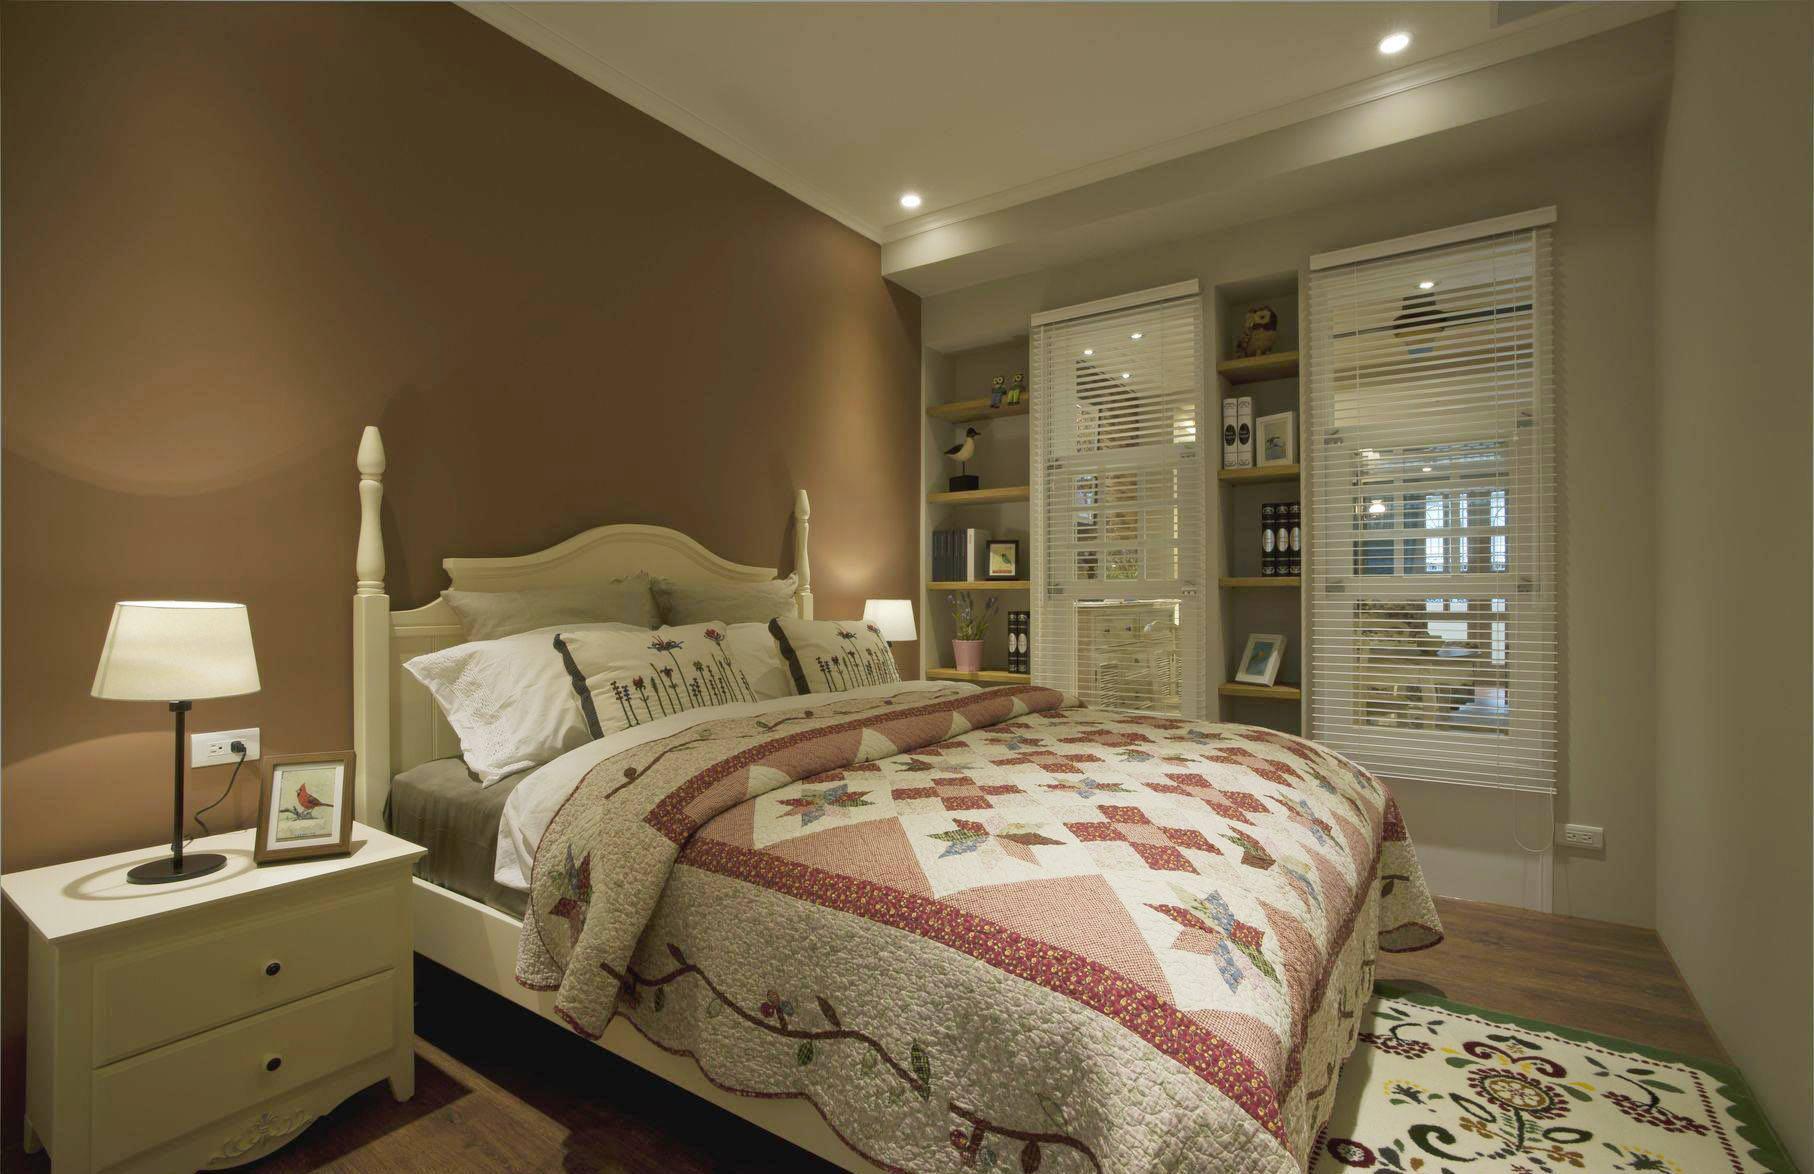 简朴田园风格室内卧室床上用品搭配效果图片